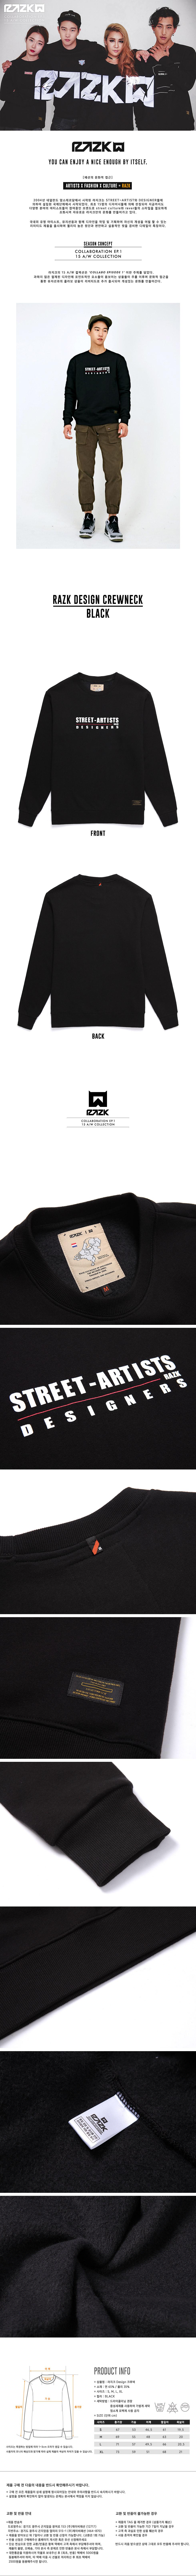 [라지크] RAZK - Design CREWNECK (BLACK) 기모 맨투맨 크루넥 기모맨투맨 기모 맨투맨